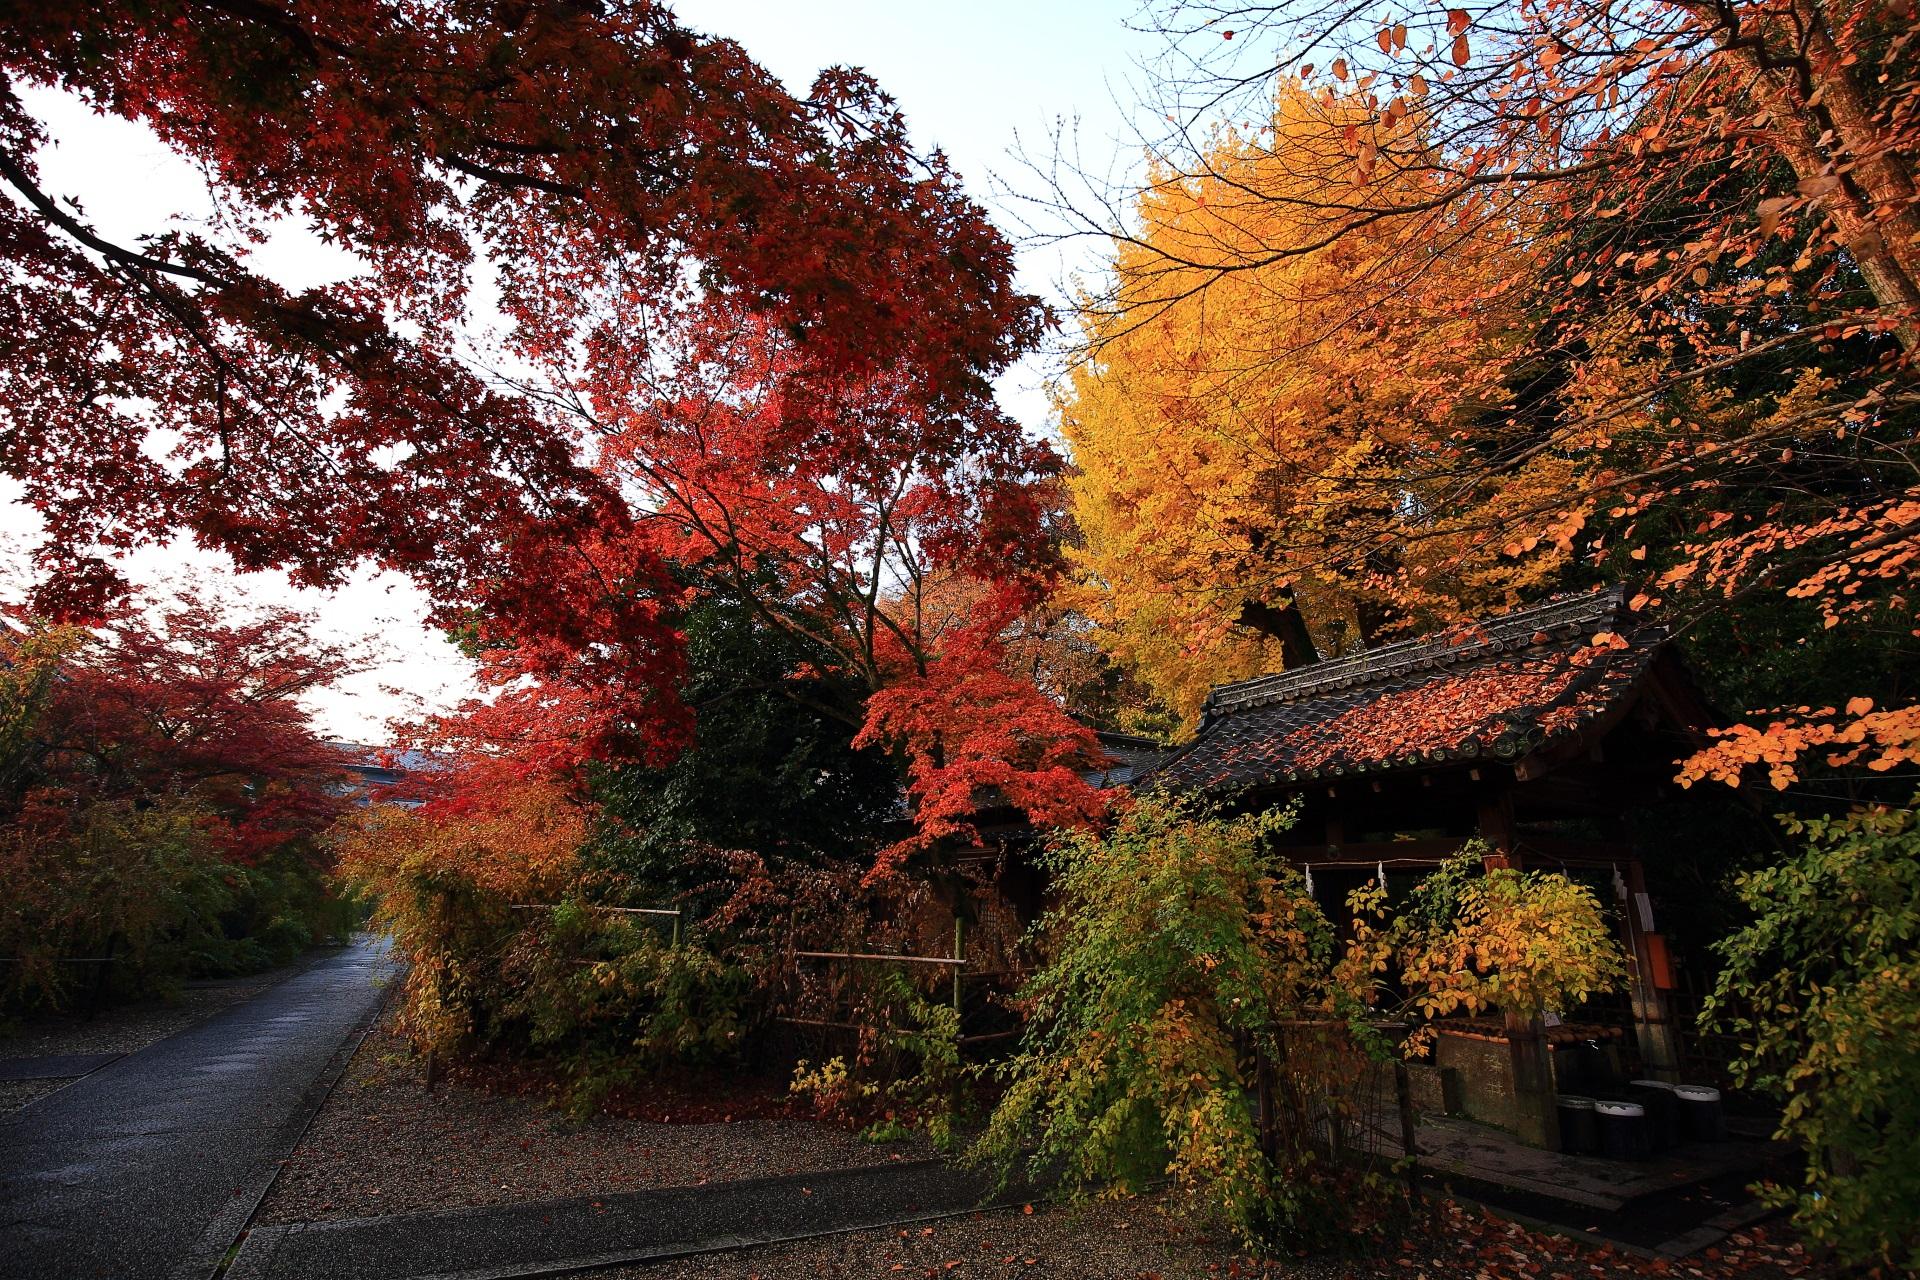 梨木神社の「染井の水」付近の紅葉や銀杏